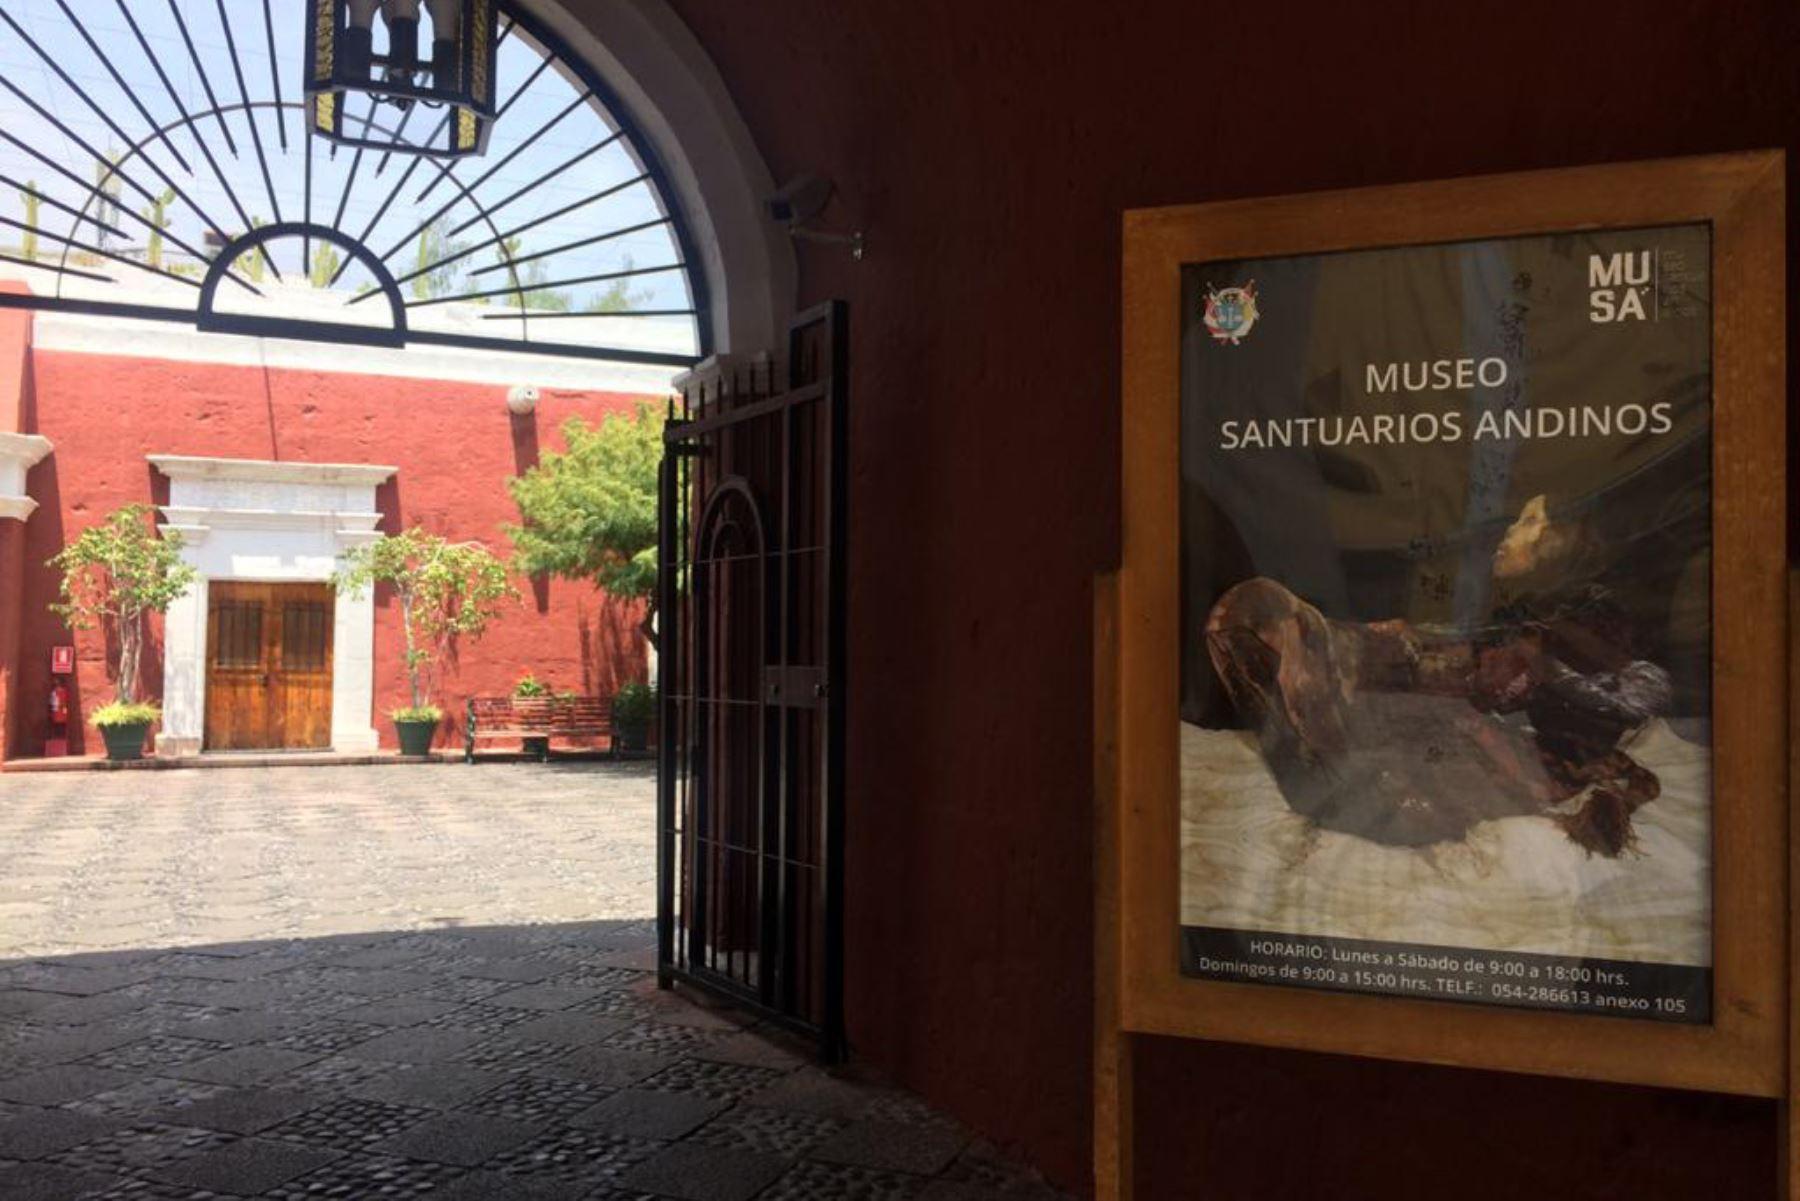 El museo Santuarios Andinos que alberga a la momia Juanita se pone de moda y ya recibió 900 turistas tras su reapertura el 2 de noviembre. ANDINA/Difusión